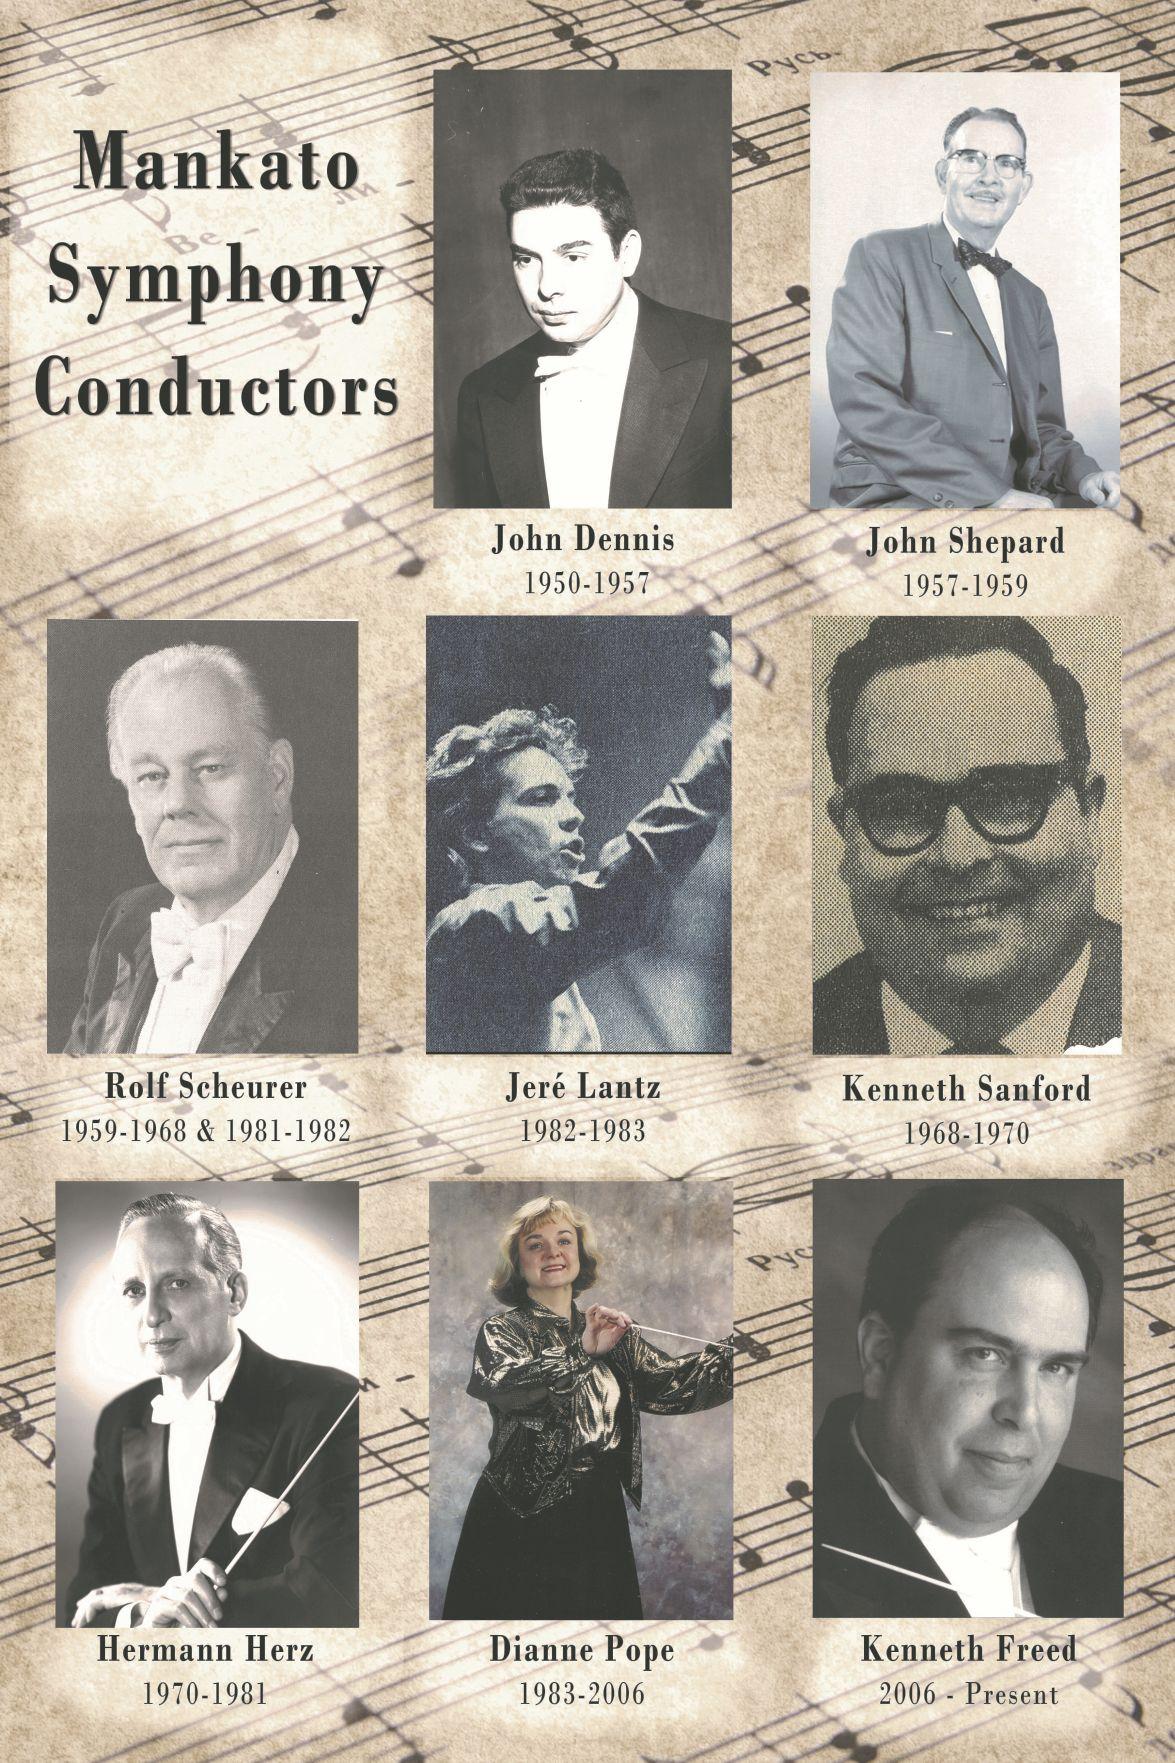 MSO conductors